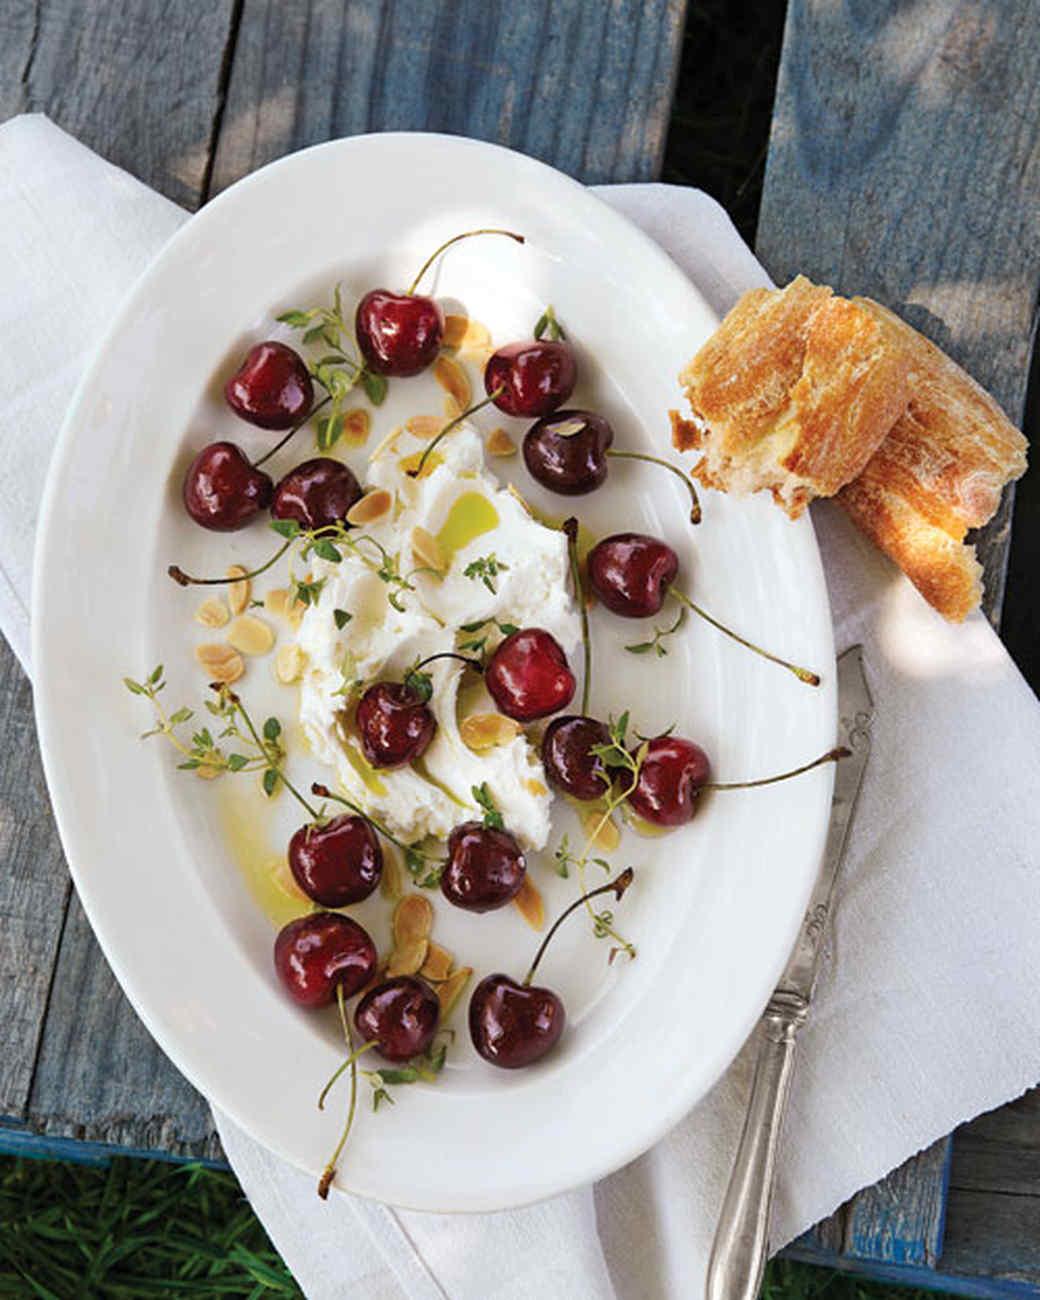 cherries-0711mld106245-img-7701.jpg